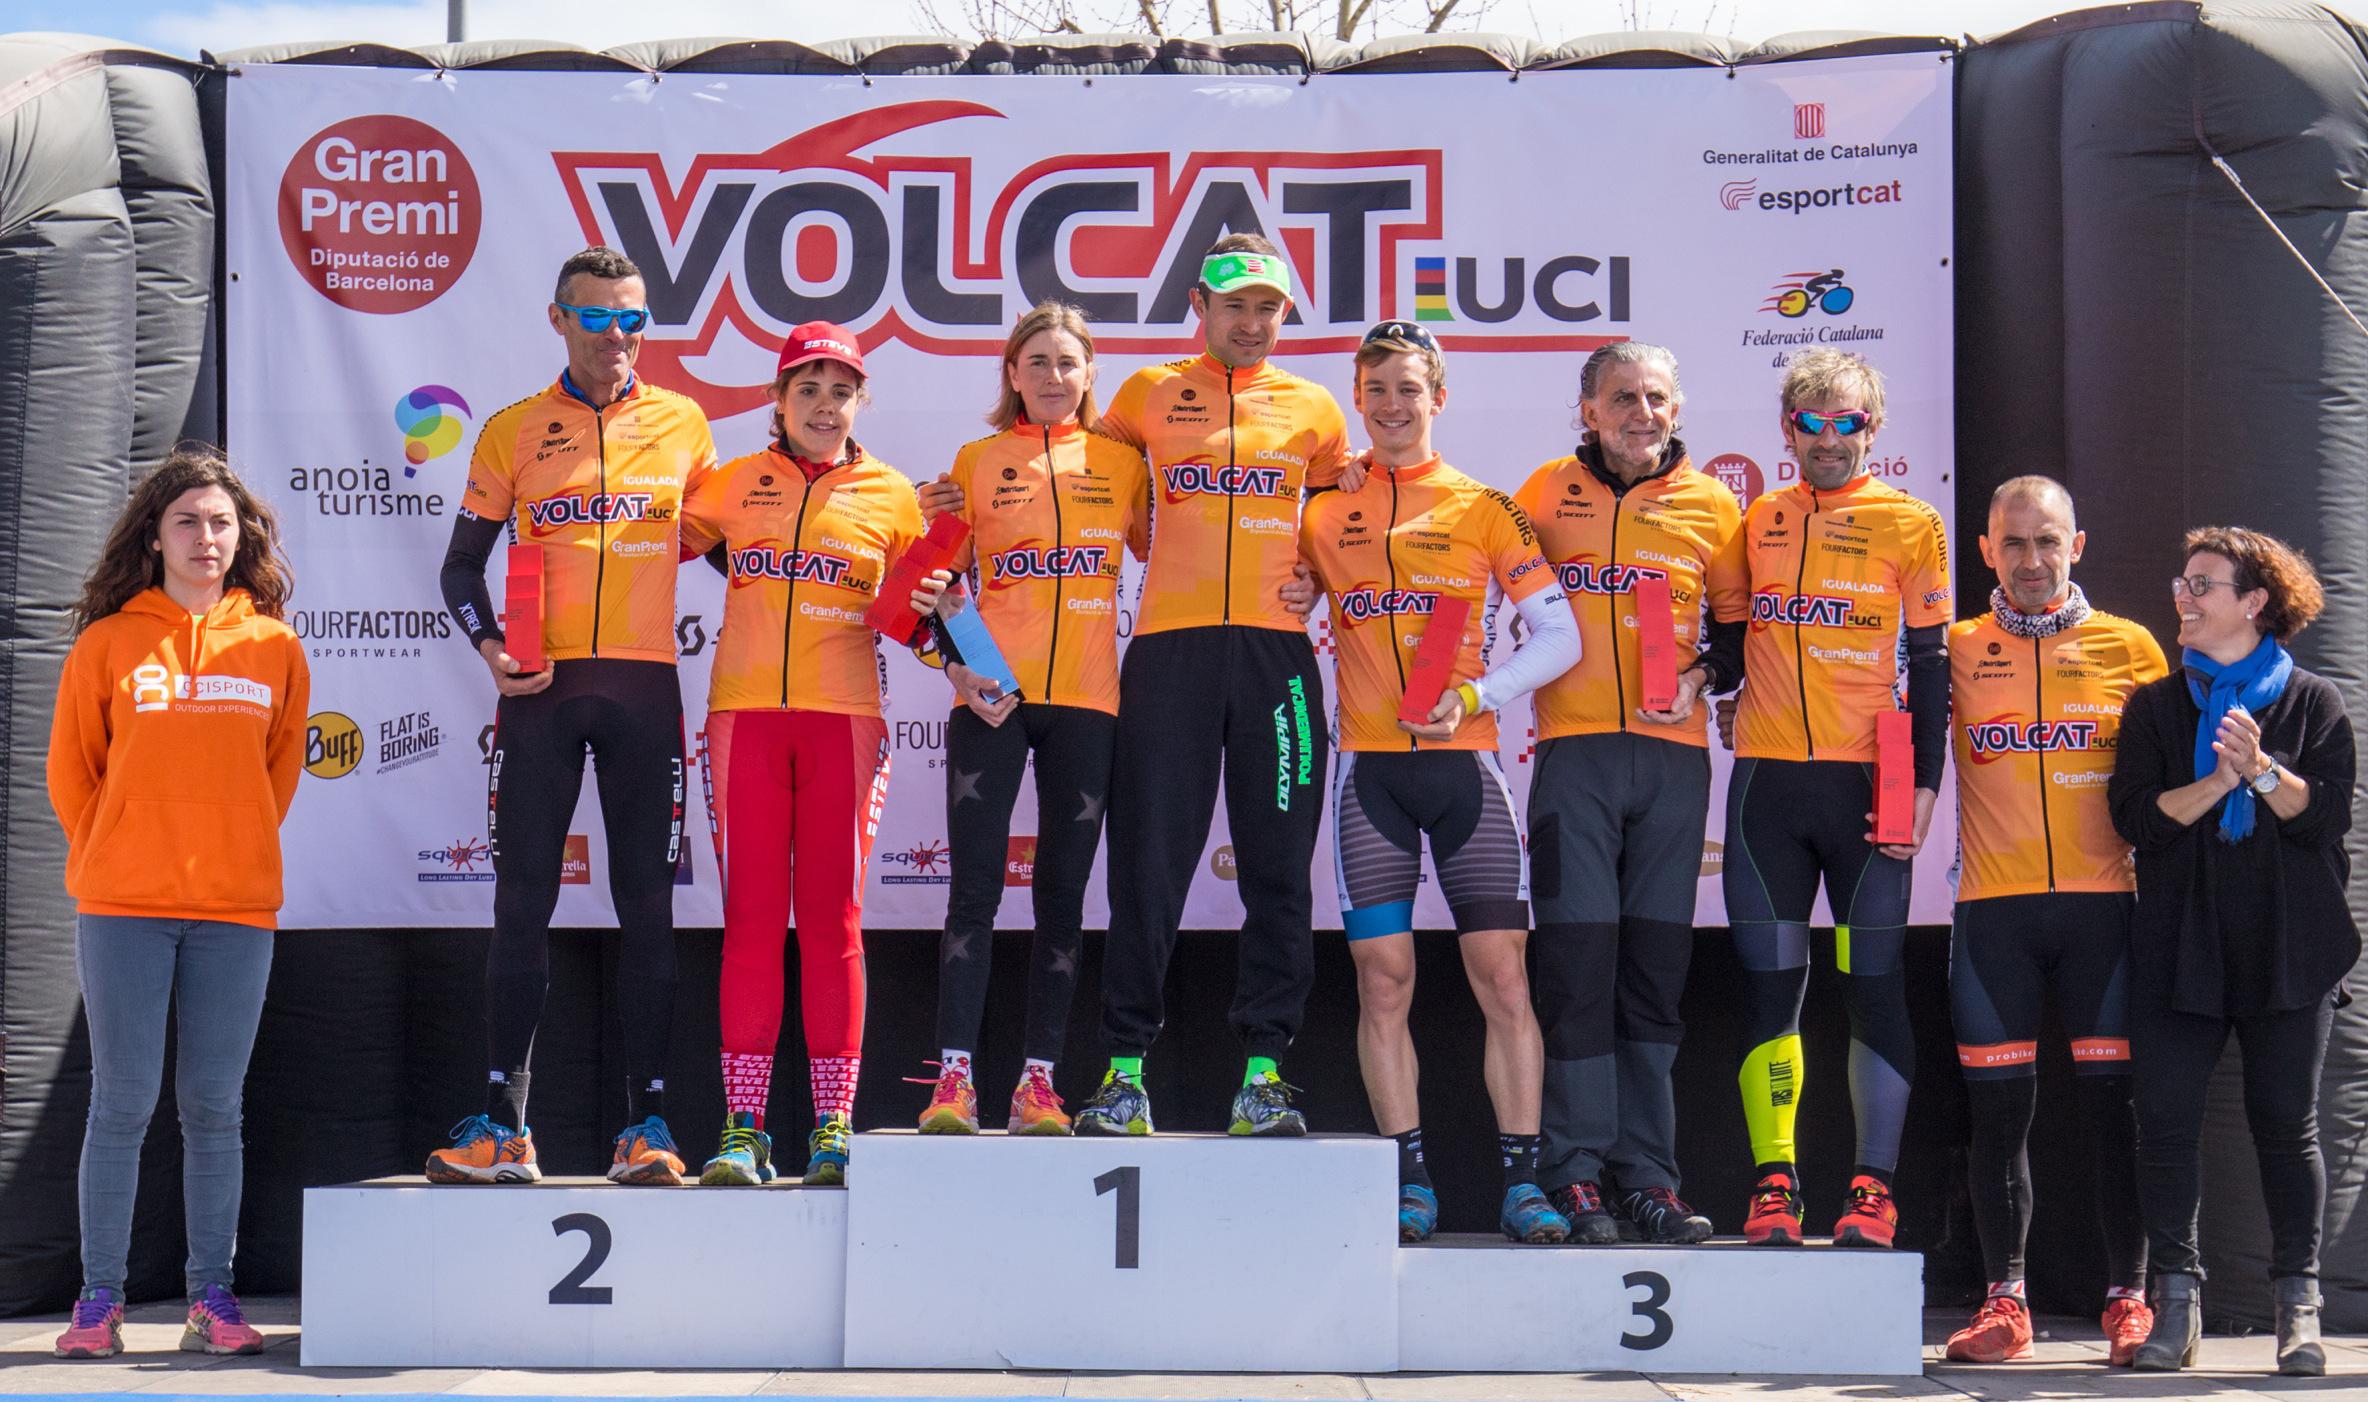 Leonardo P�ez y Annabella Stropparo campeones de la VolCAT m�s internacional